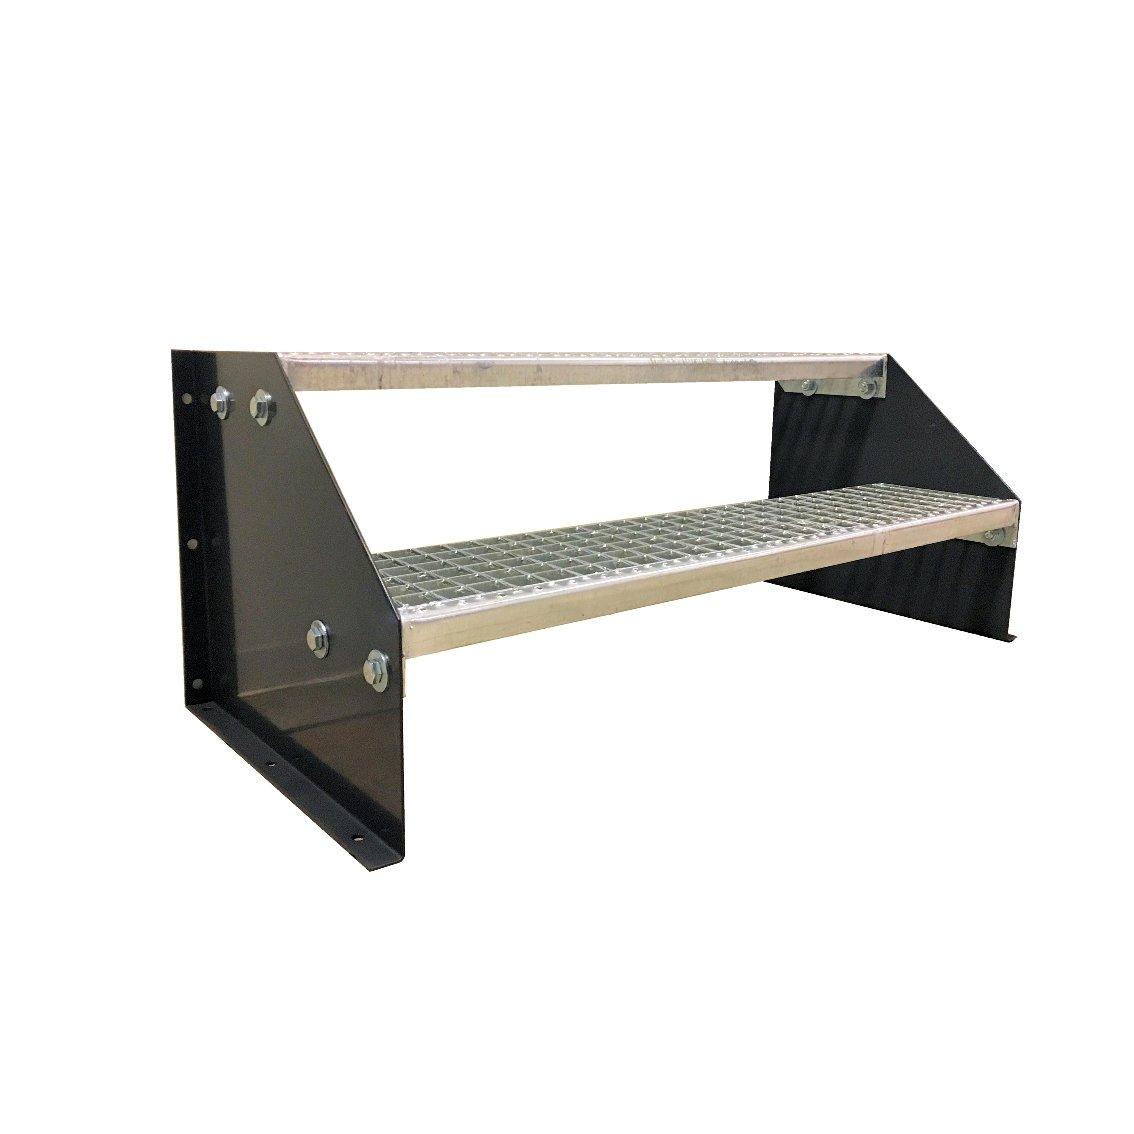 Freistehende Standtreppe Stahltreppe 2 Stufen//Breite 70cm H/öhe 42cm Verzinkt//Stabile Industrietreppe f/ür den Au/ßenbereich